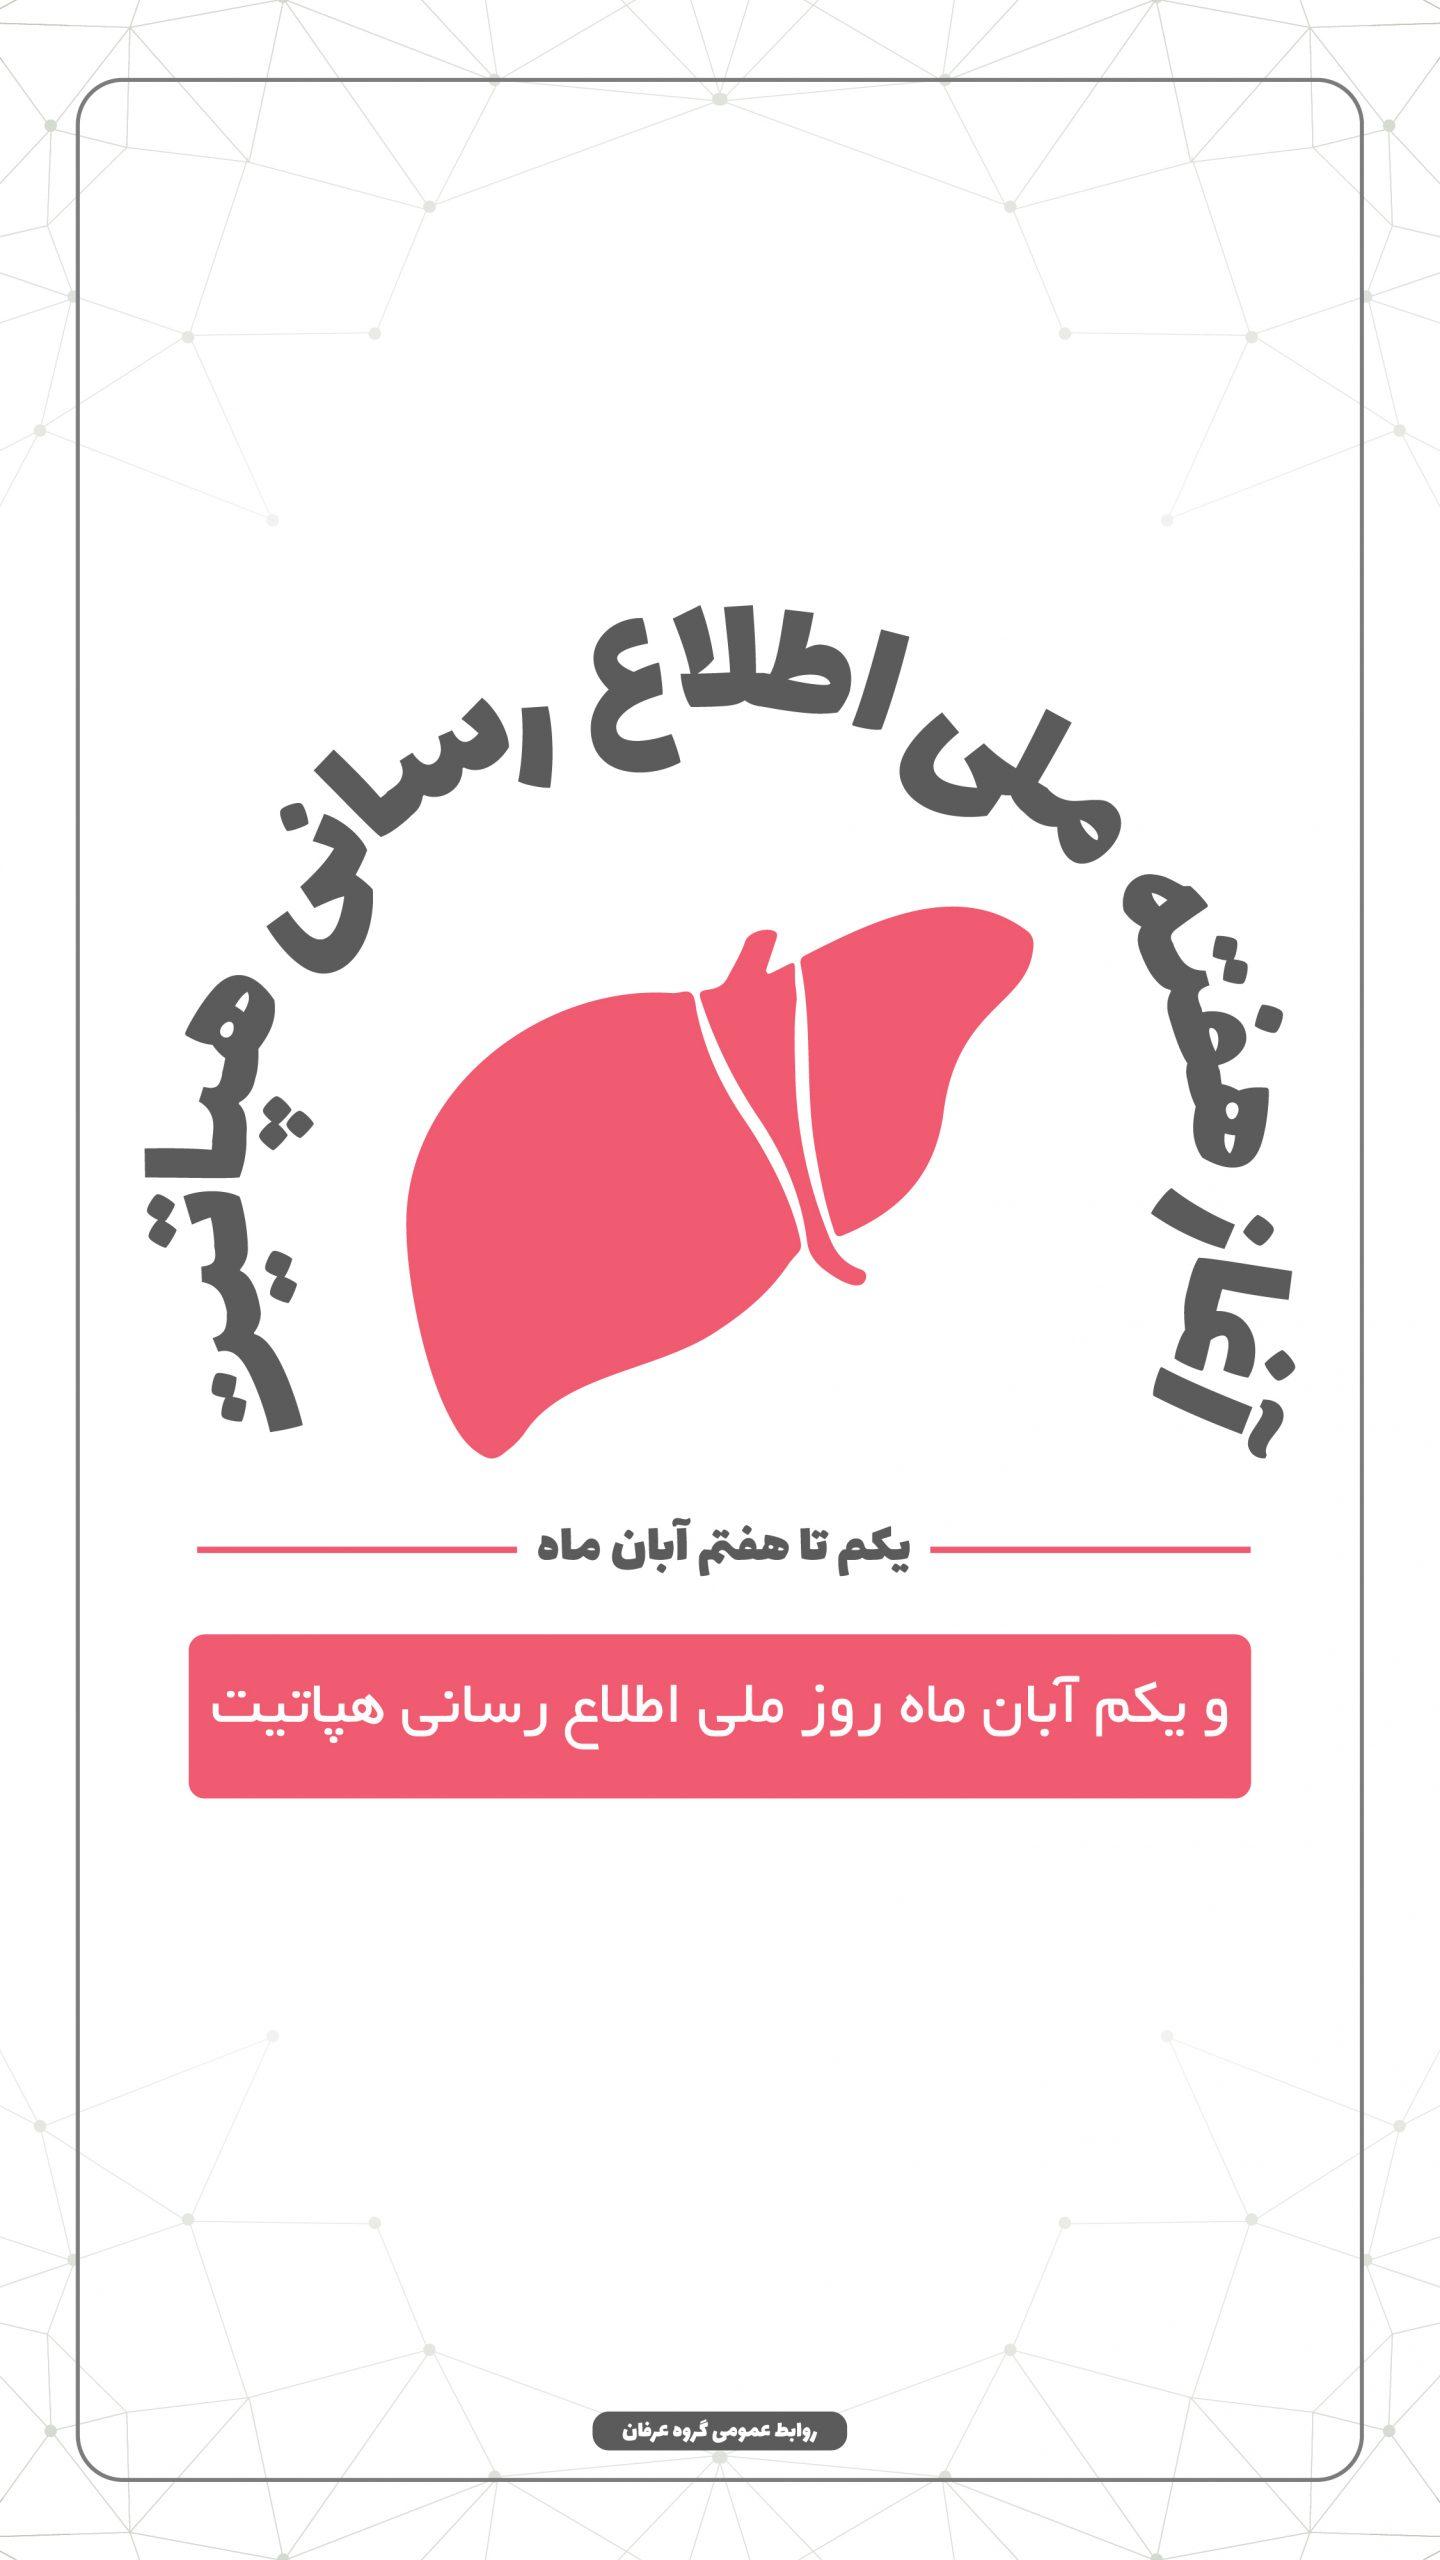 روز ملی اطلاع رسانی هپاتیت